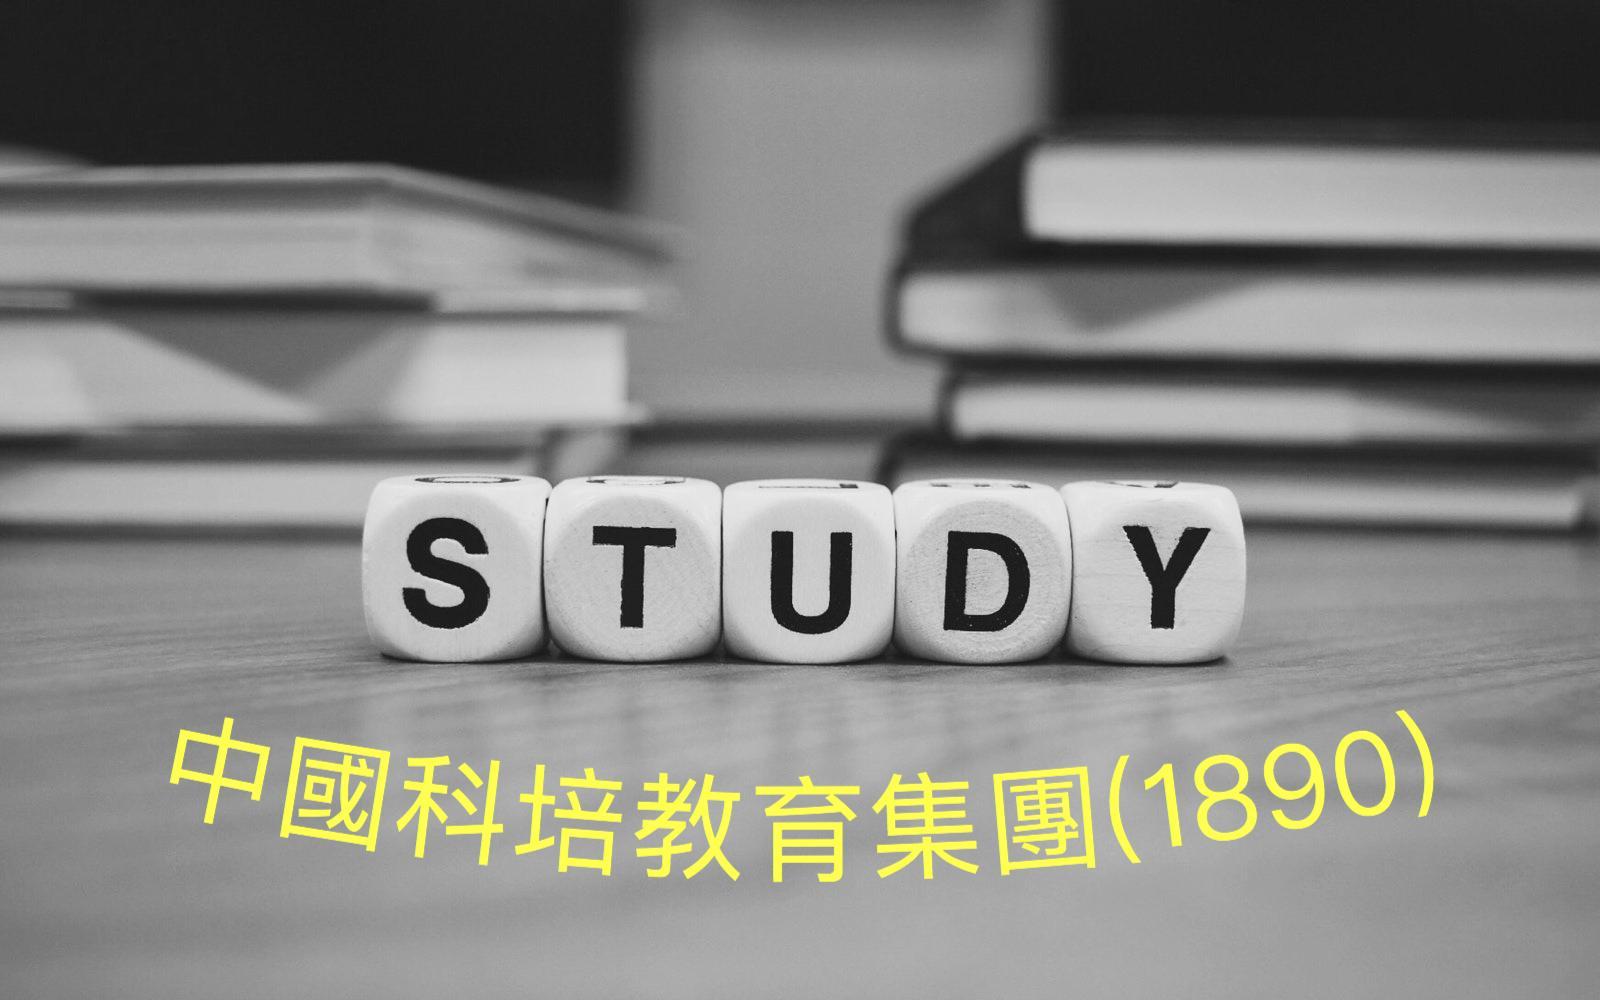 中國科培教育集團